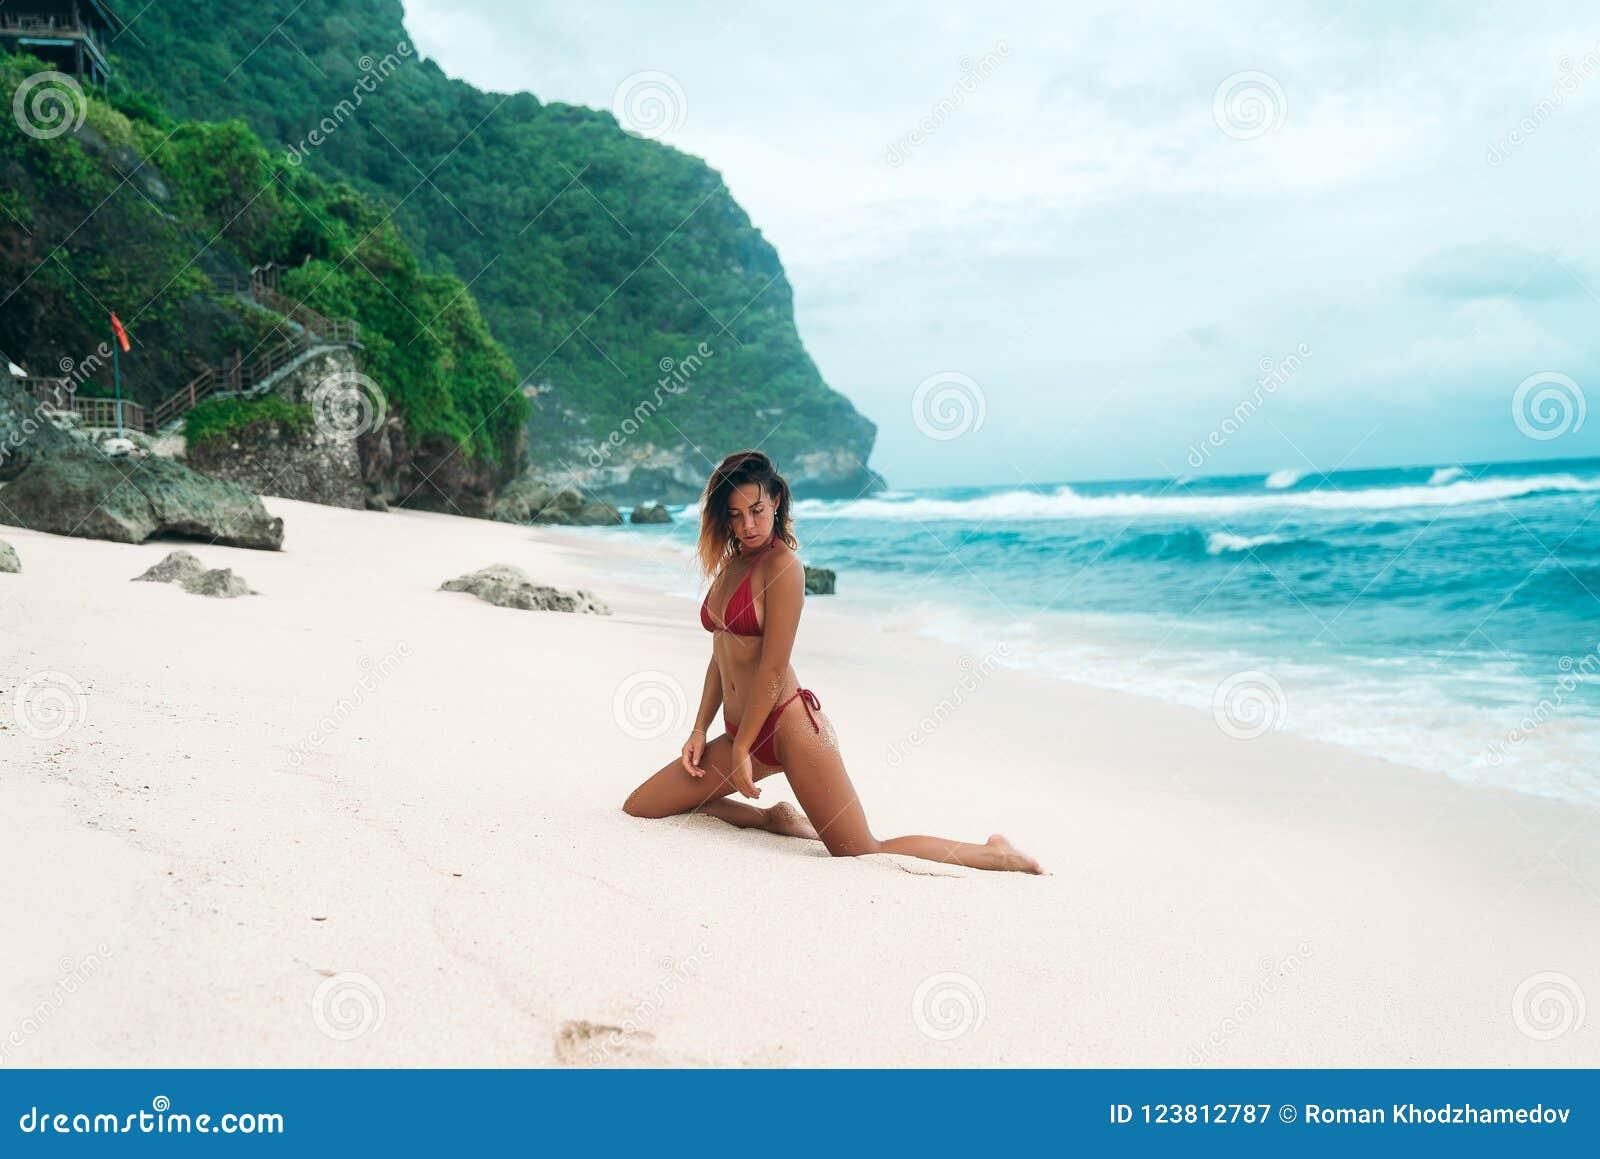 Stående av en sexig brunbränd flicka på stranden En ursnygg modell med ett åtstramande sportdiagram i en röd bikini